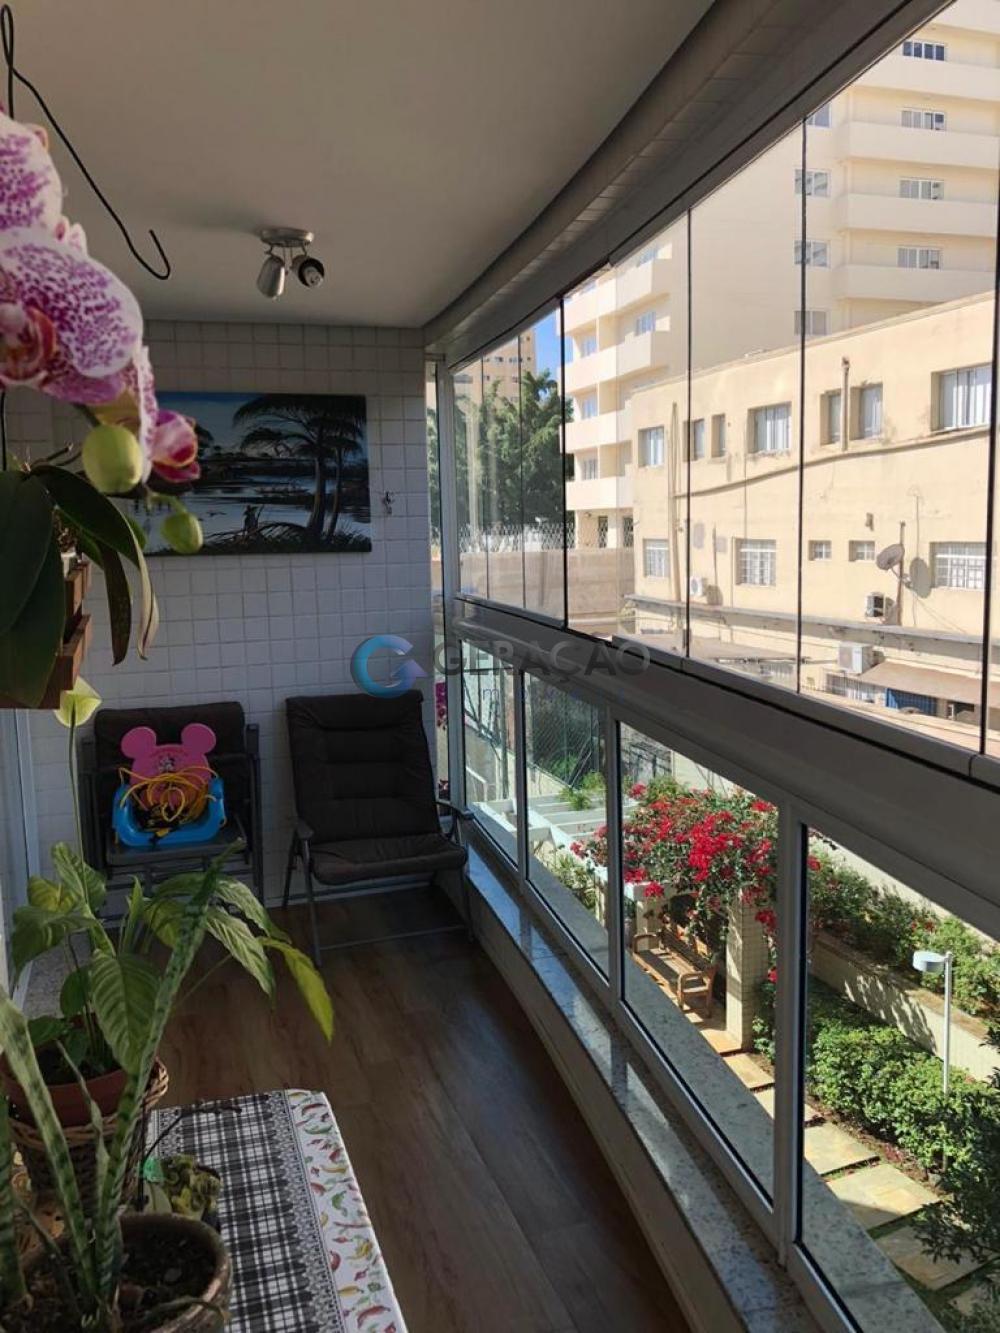 Comprar Apartamento / Padrão em São Paulo apenas R$ 1.300.000,00 - Foto 1